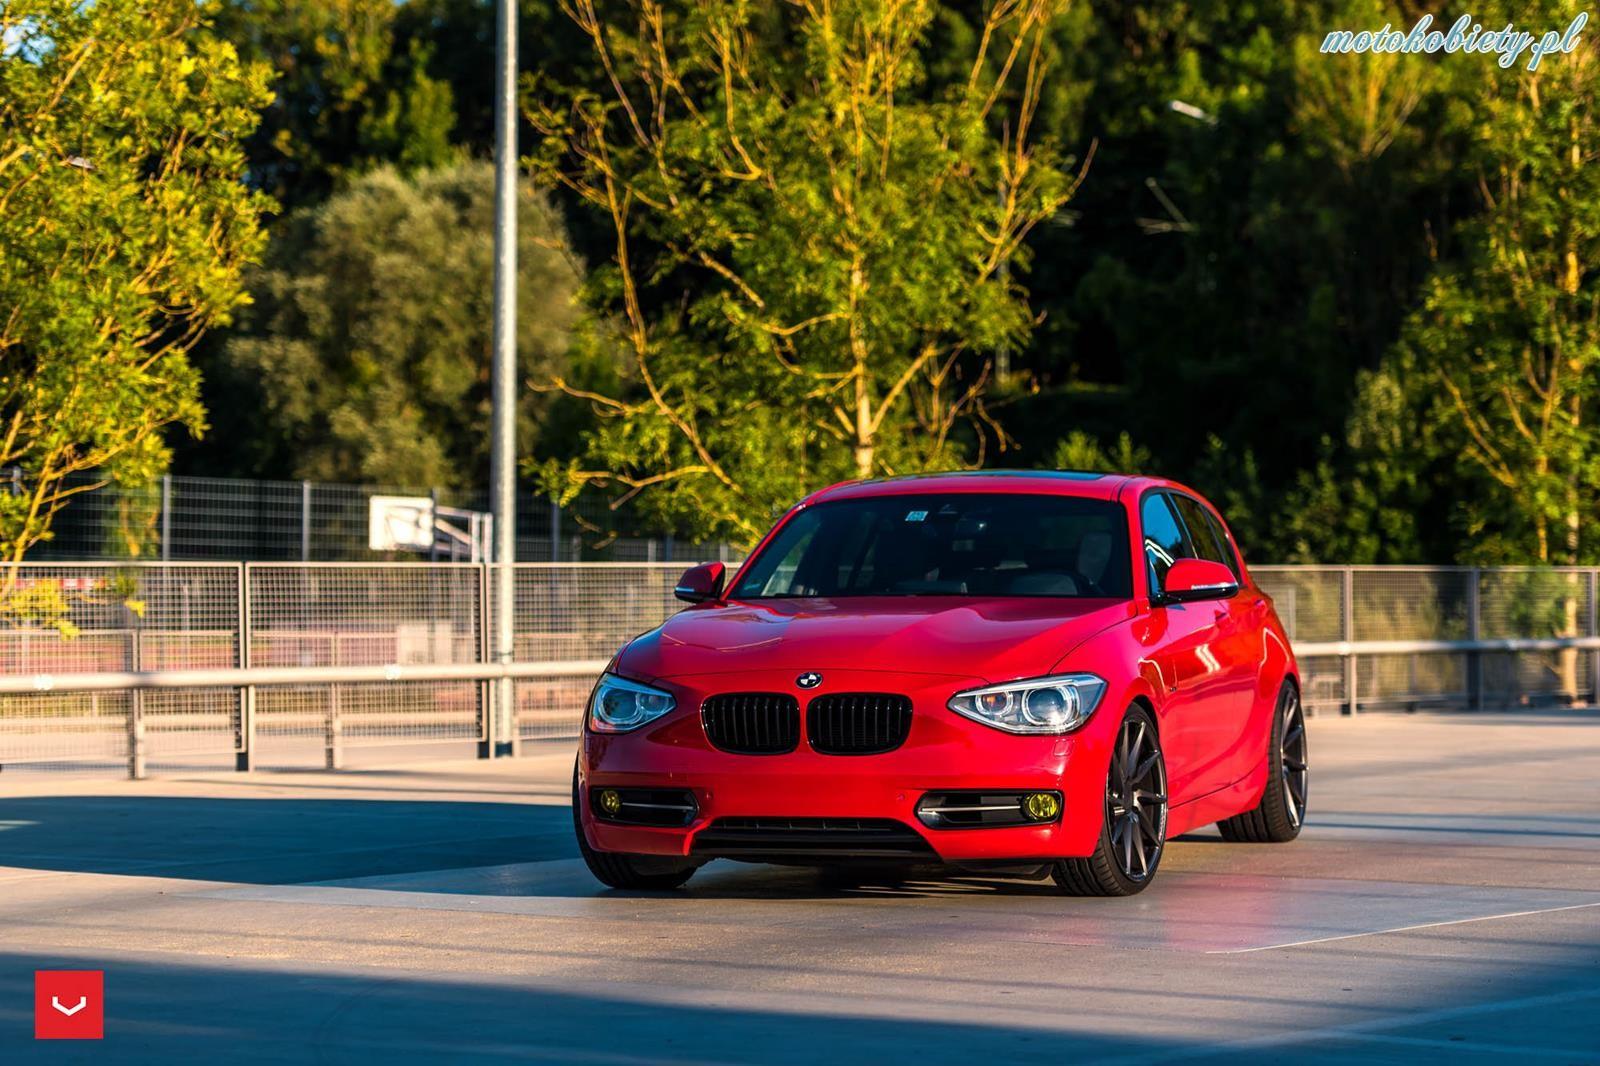 BMW serii 1 Vossen